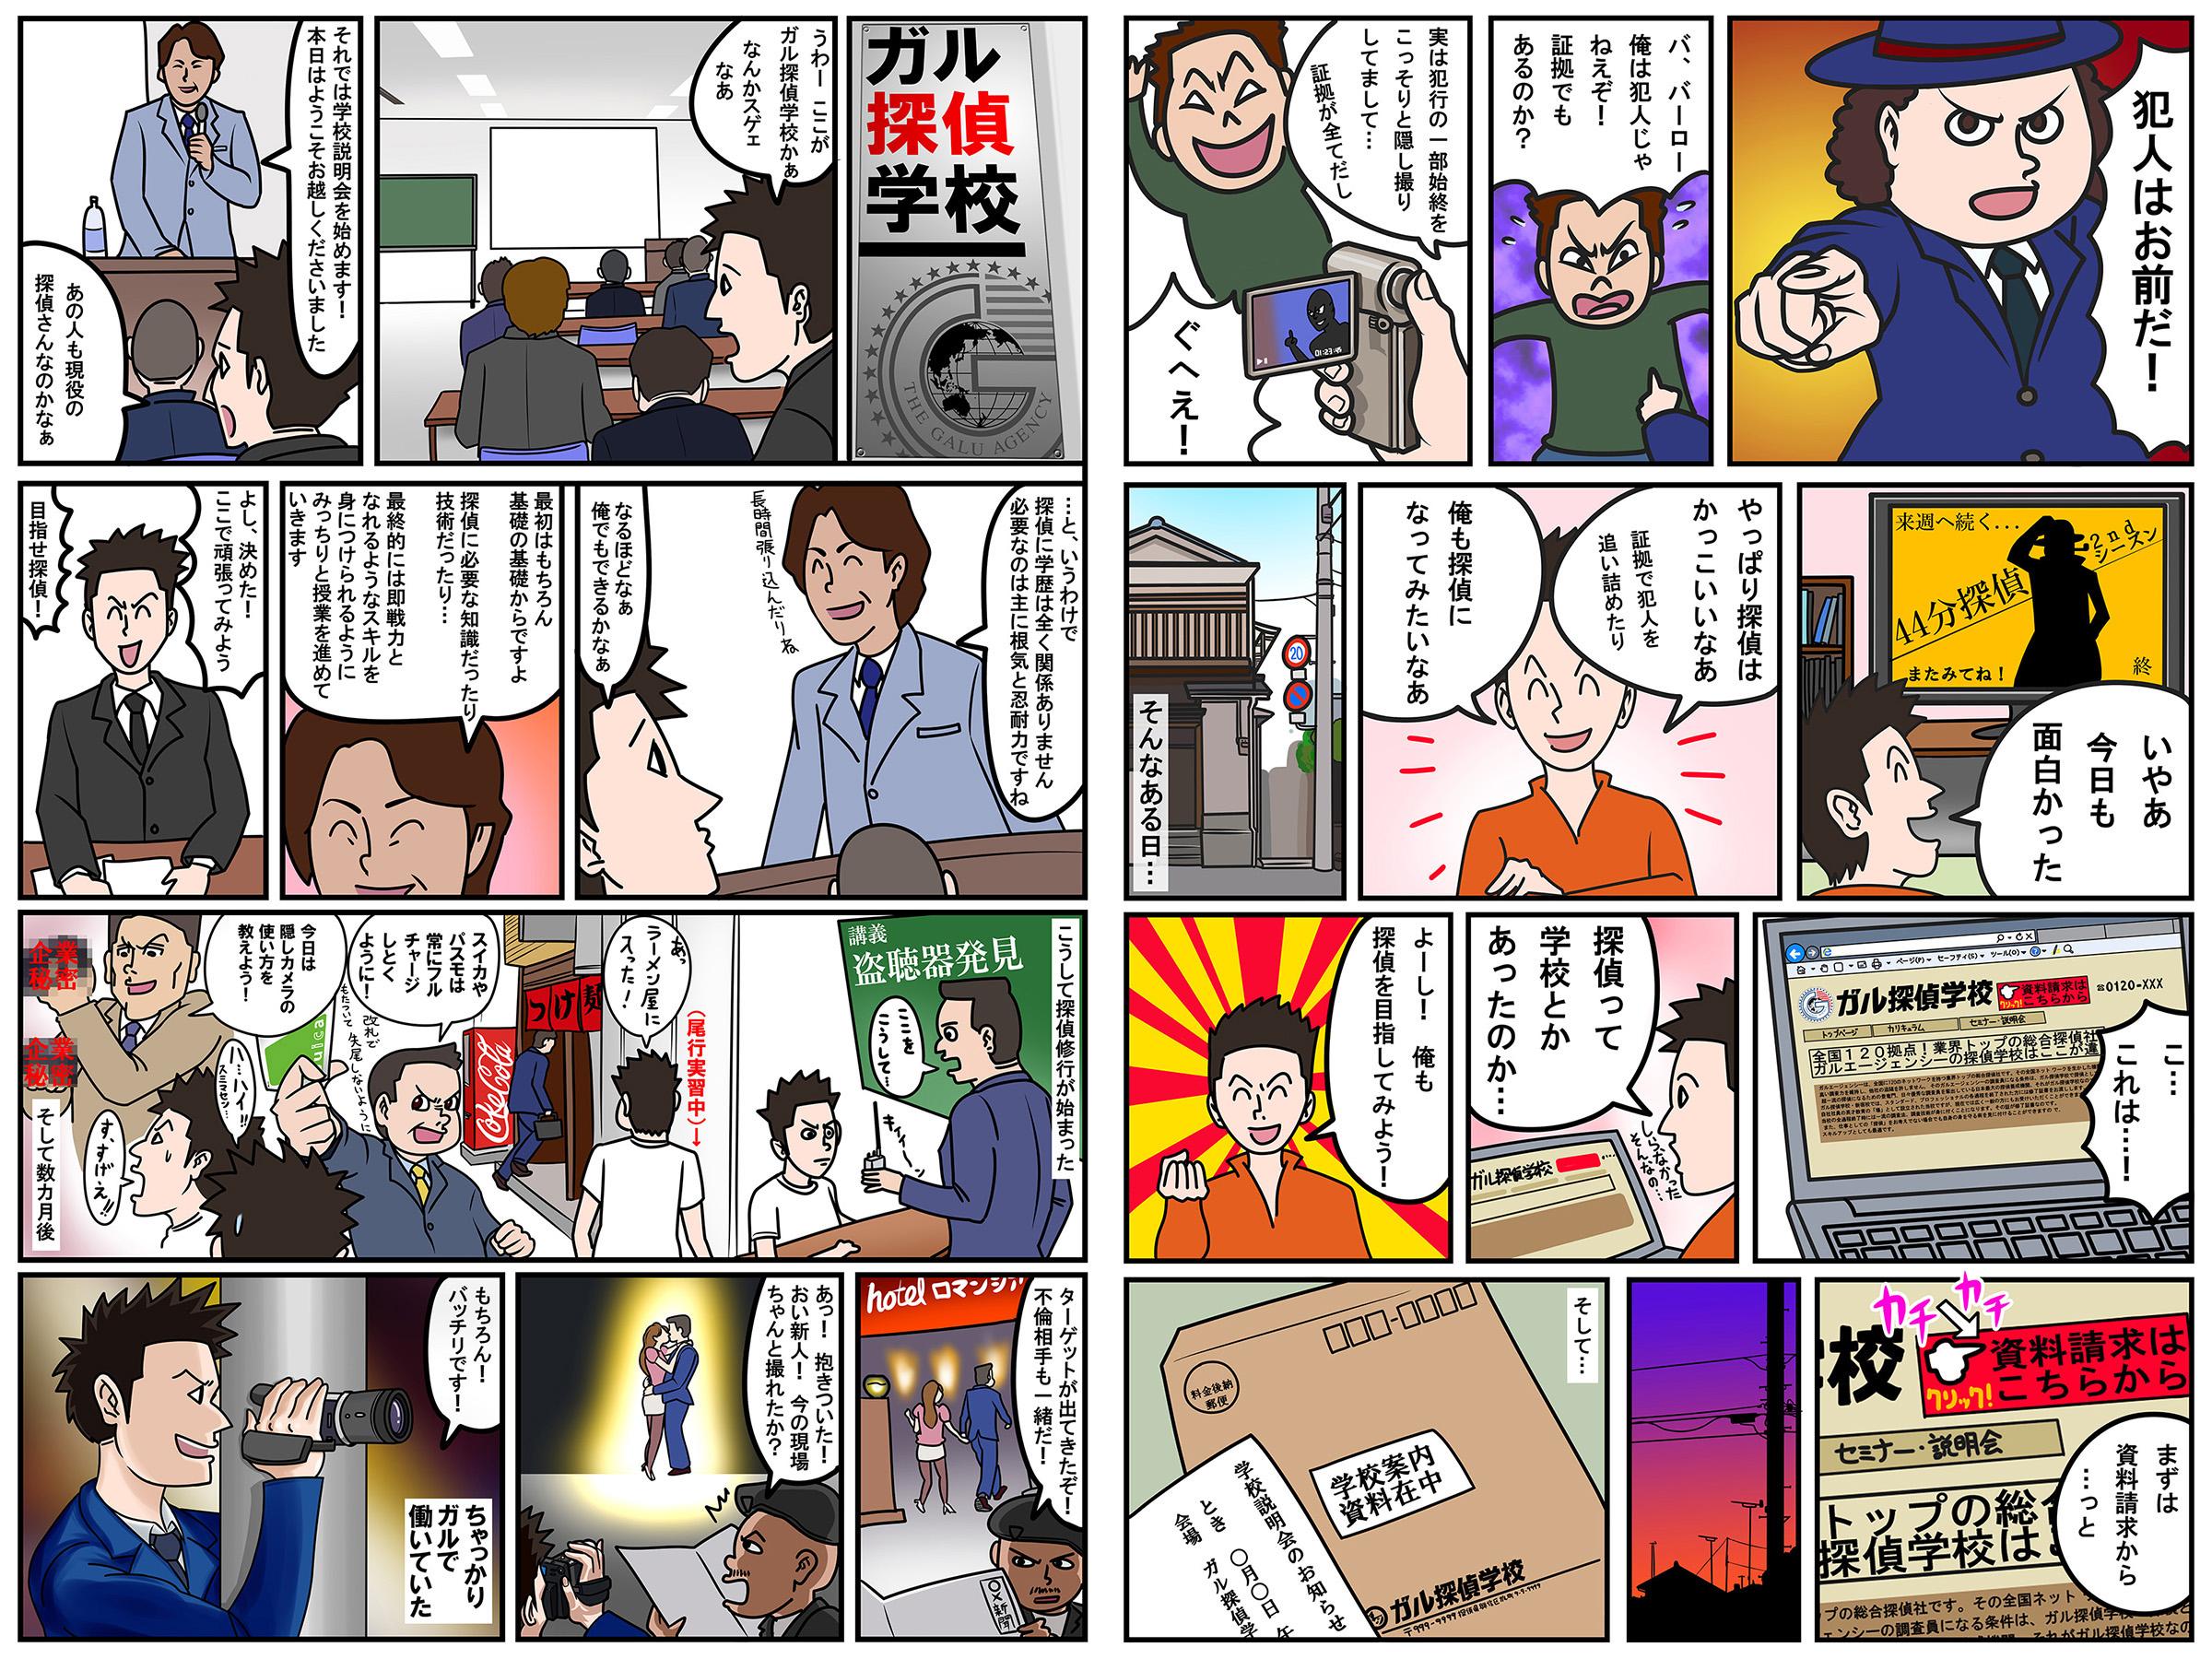 探偵学校漫画